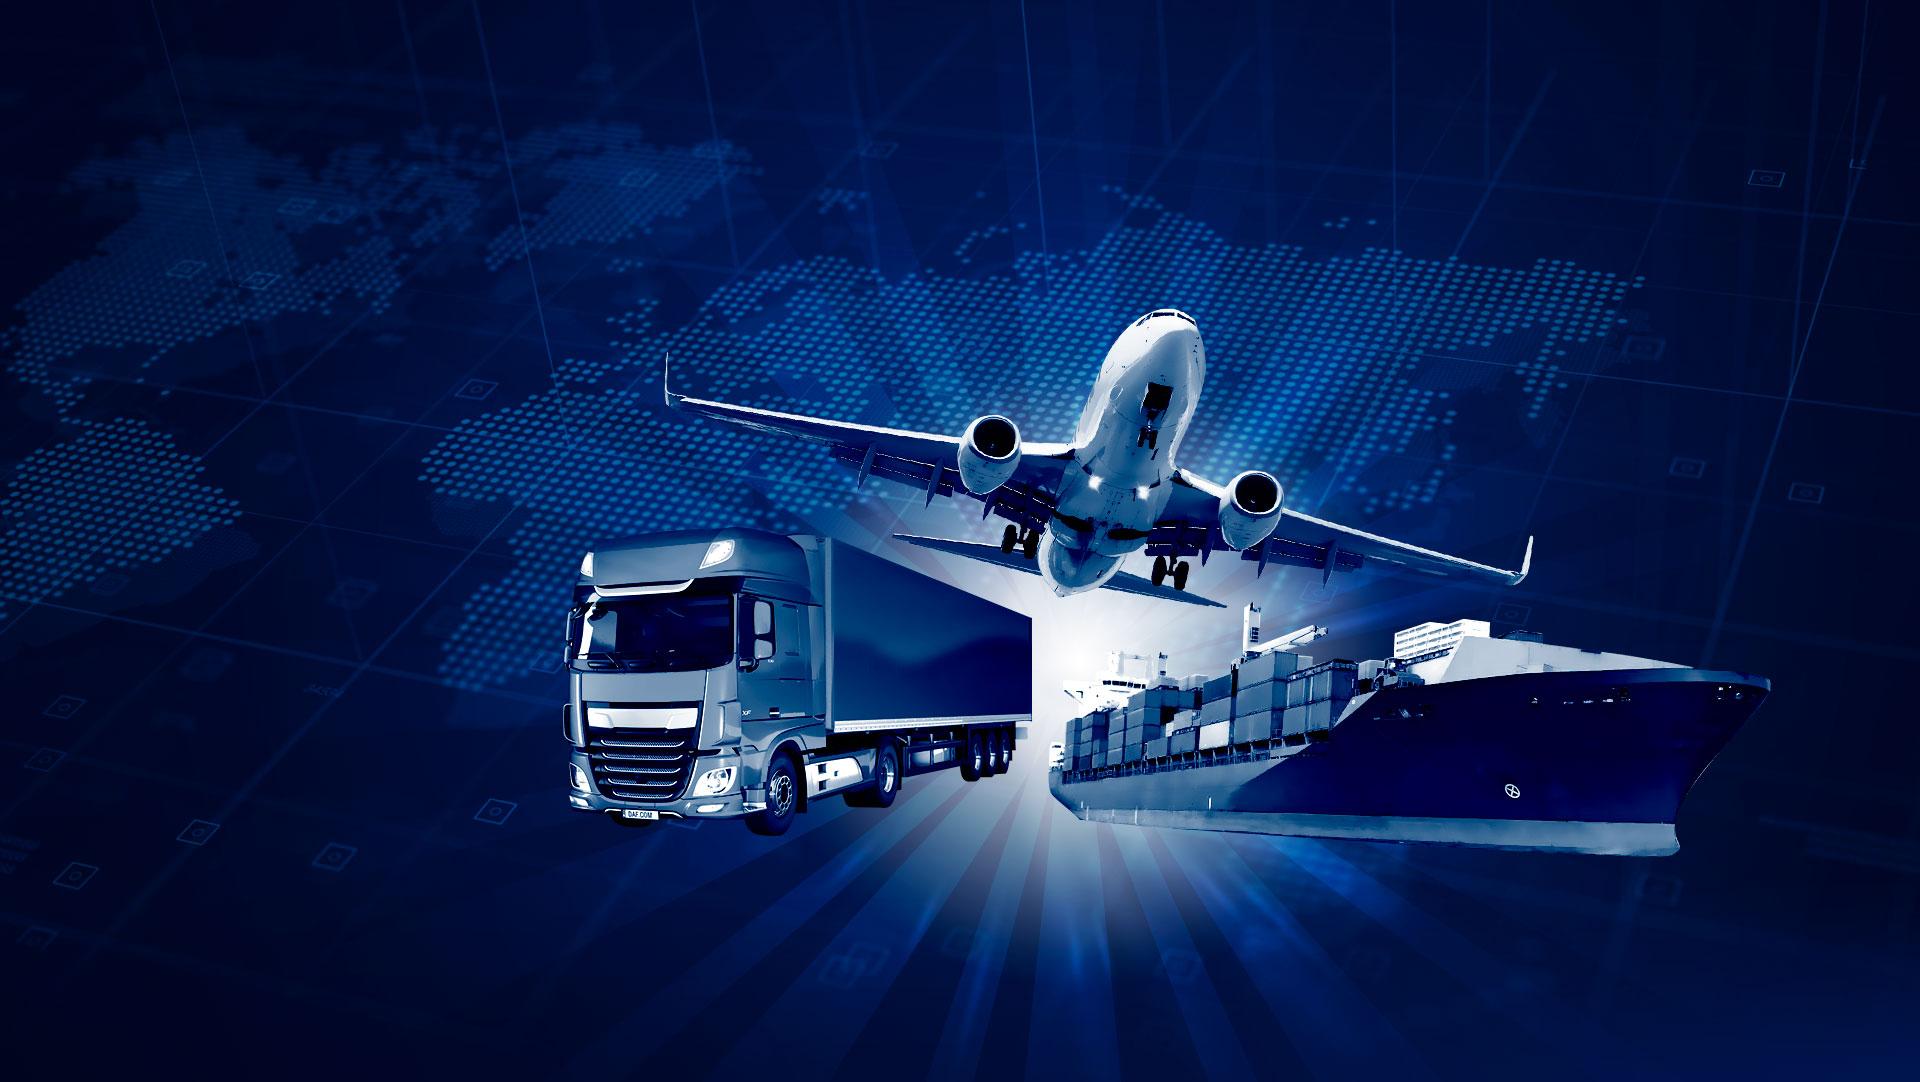 RAF International Cargo